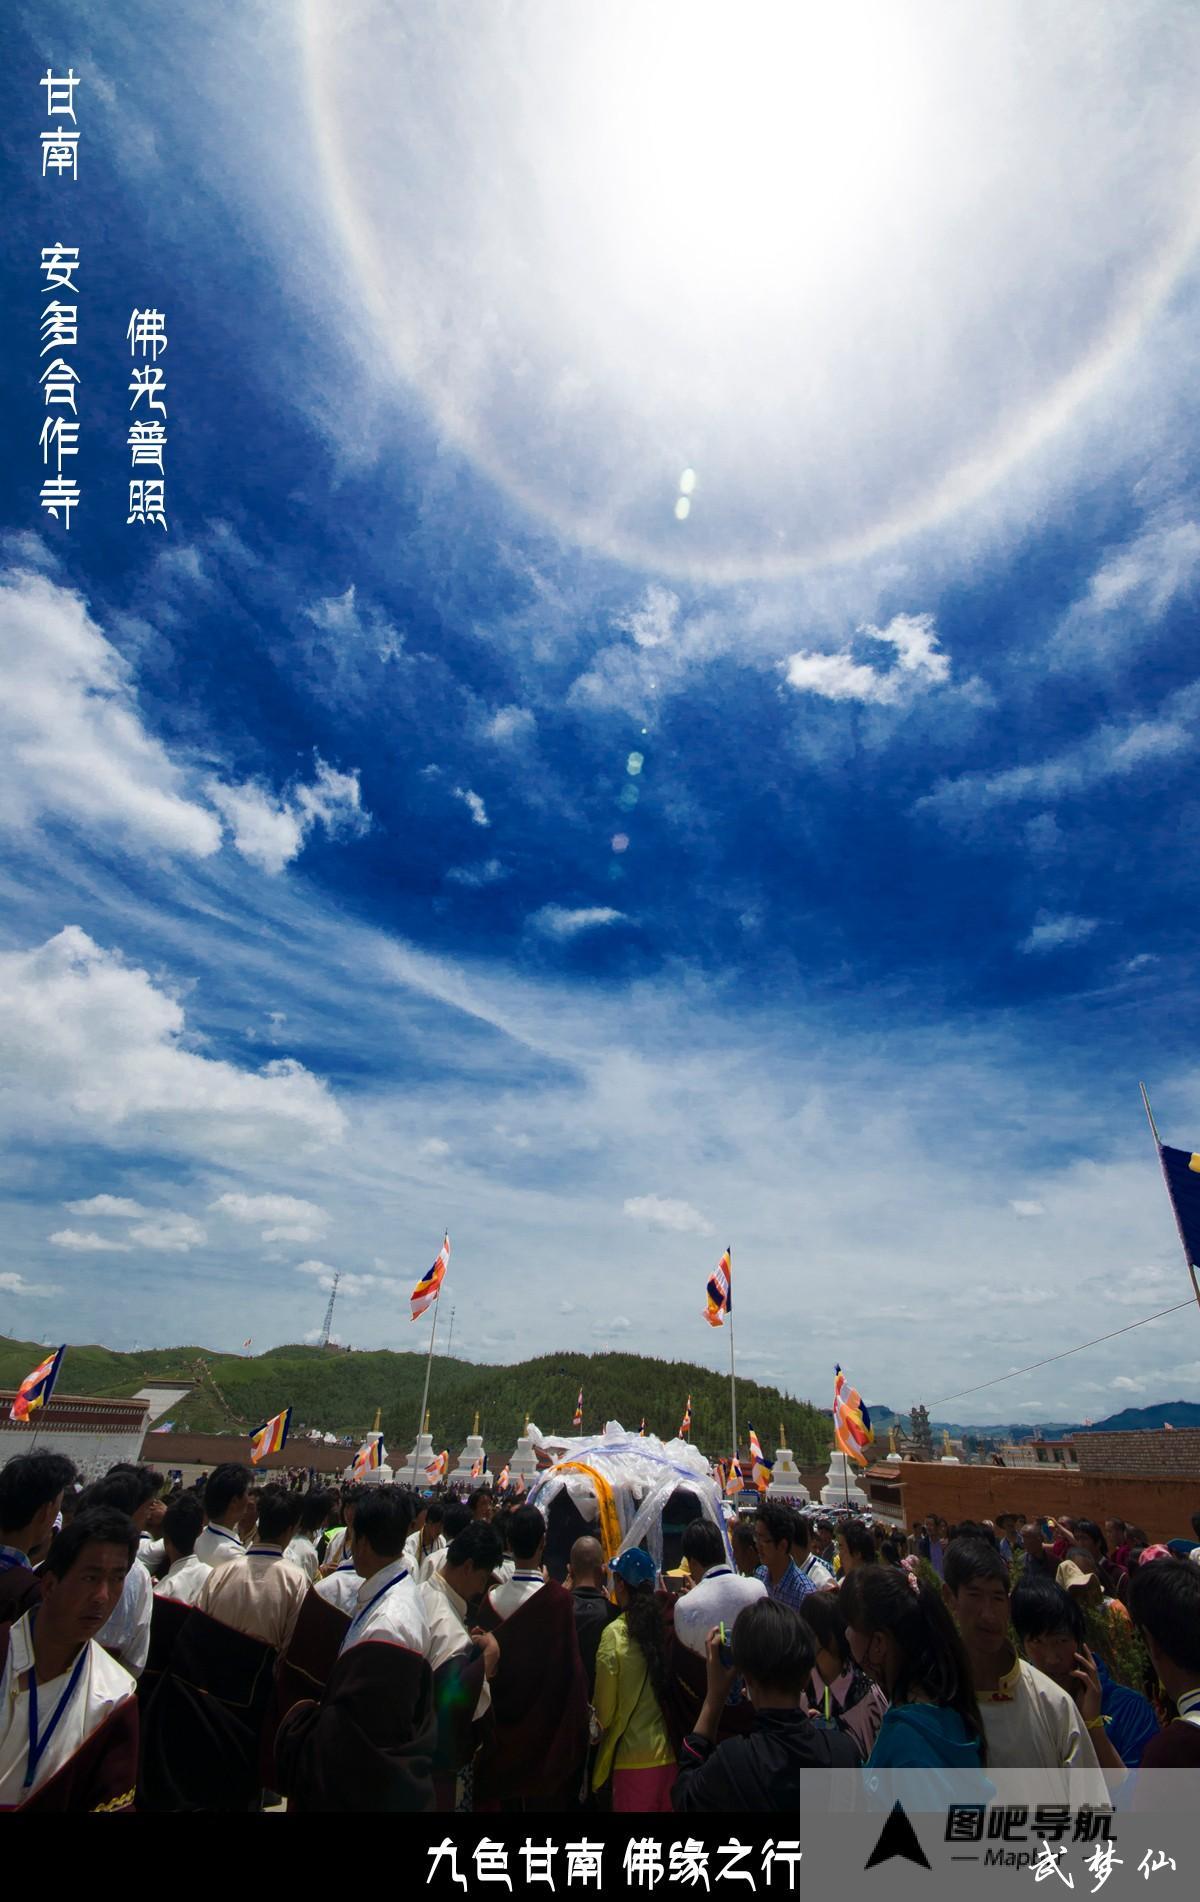 合作市是甘肃省甘南藏族自治州首府,也是藏区唯一设立的县级市,地处青藏高原的东南端,甘、青、川三省交界处,位于甘肃省西南部,地理座标东径10254,北纬3959。国道213线和省道306线环城而过。北距甘肃省会兰州250公里,南距四川省会成都860公里,平均海拔3000米以上,年均气温1.